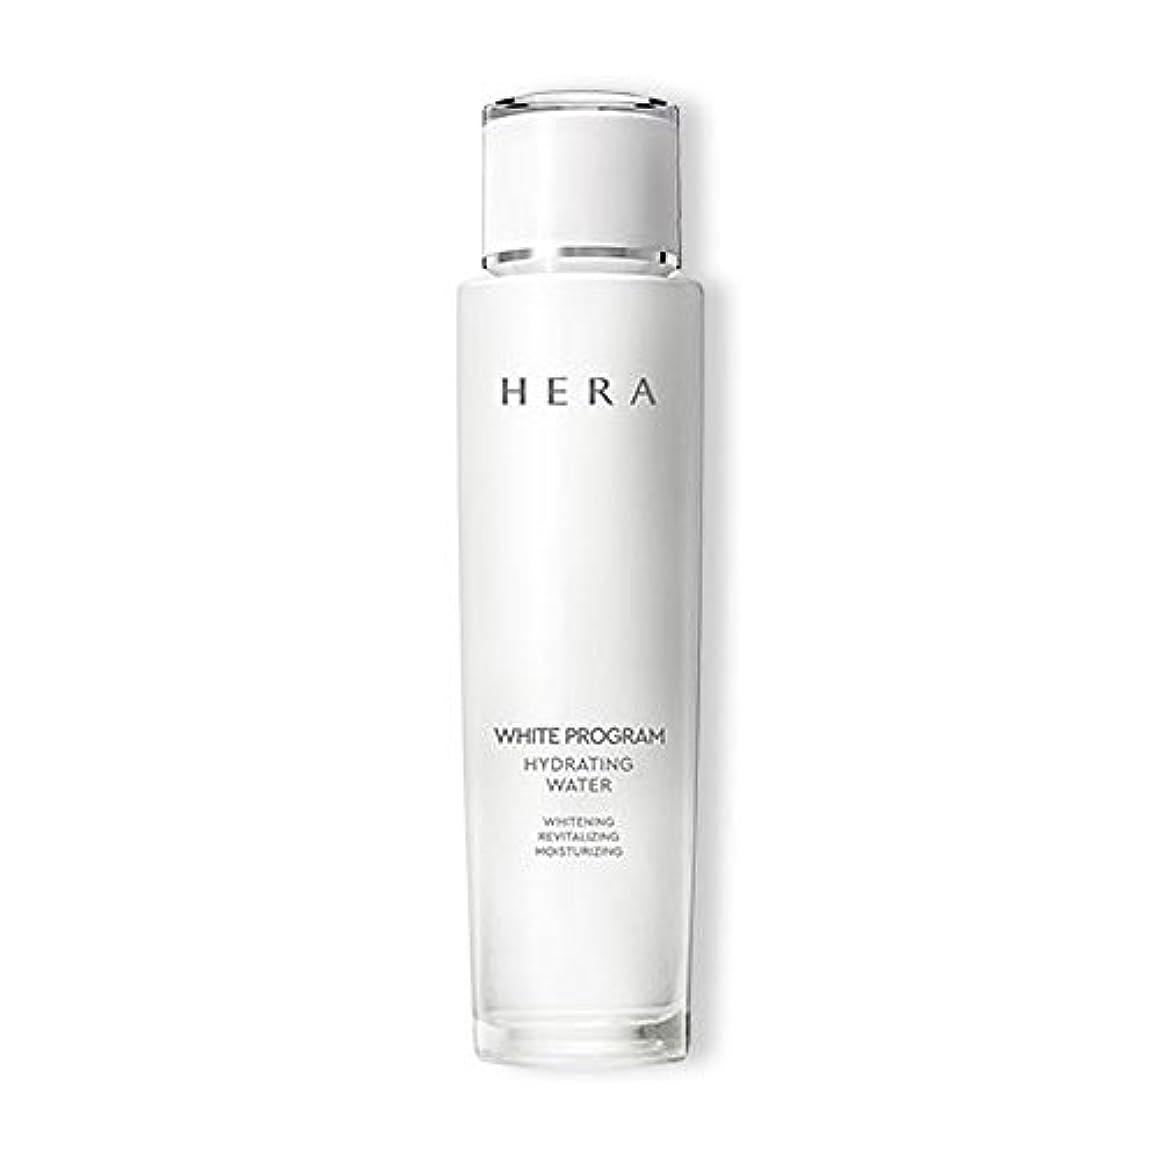 アラブ人公平エスカレーターHERA(ヘラ) ホワイトプログラムハイドロレイティングウォーター(化粧水)150ml